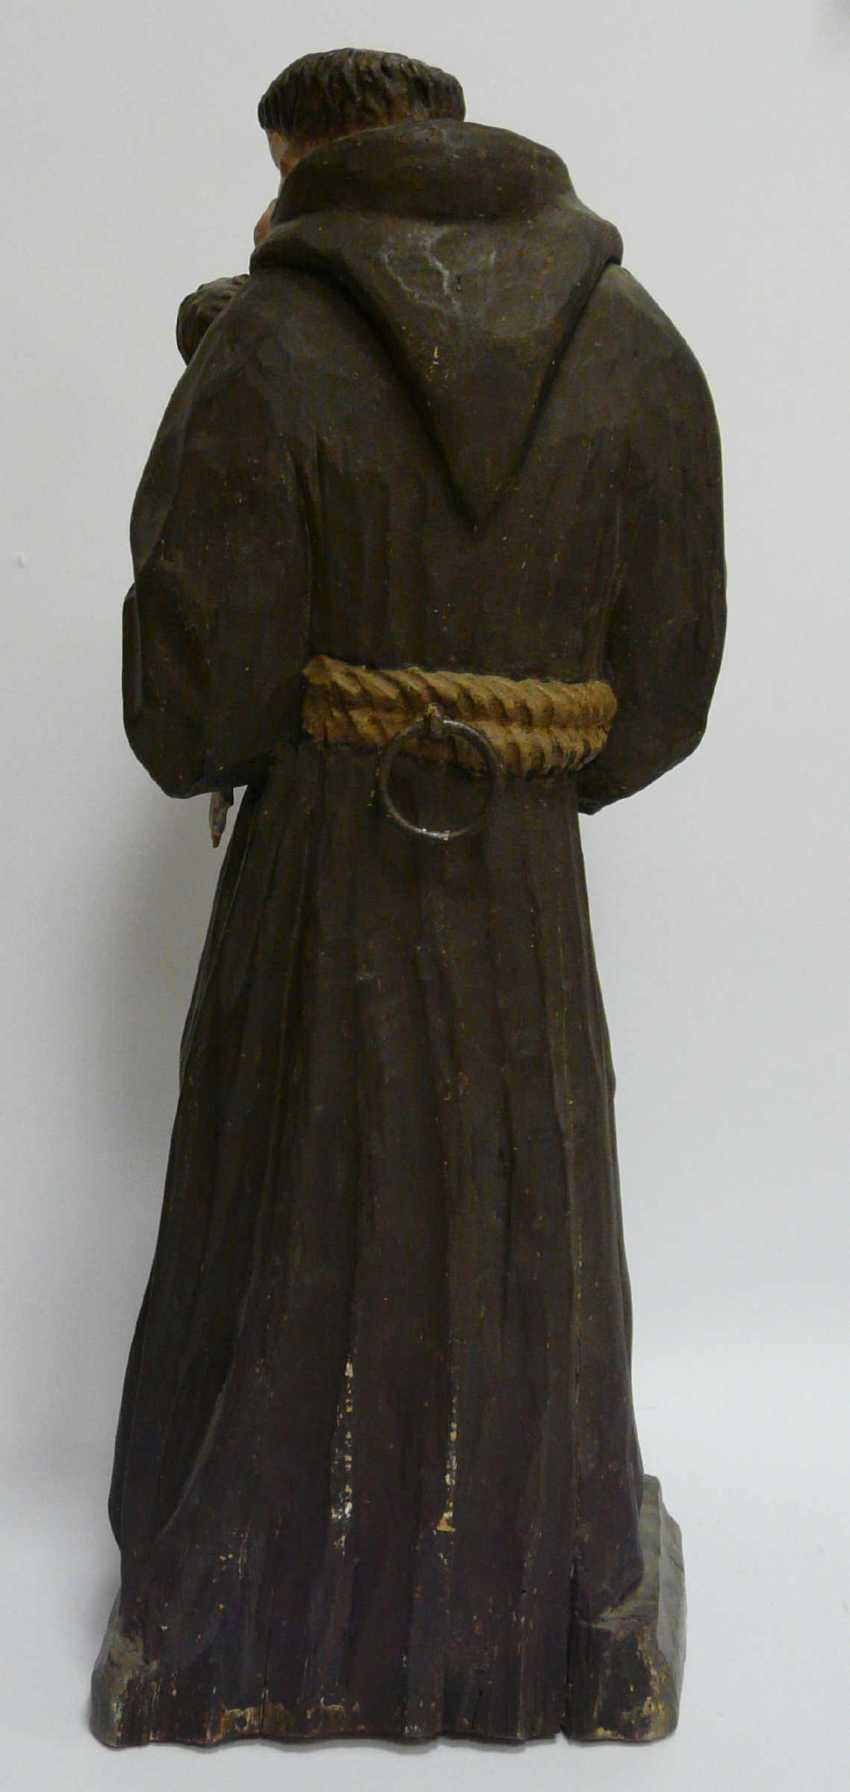 The Saint Anthony - photo 2